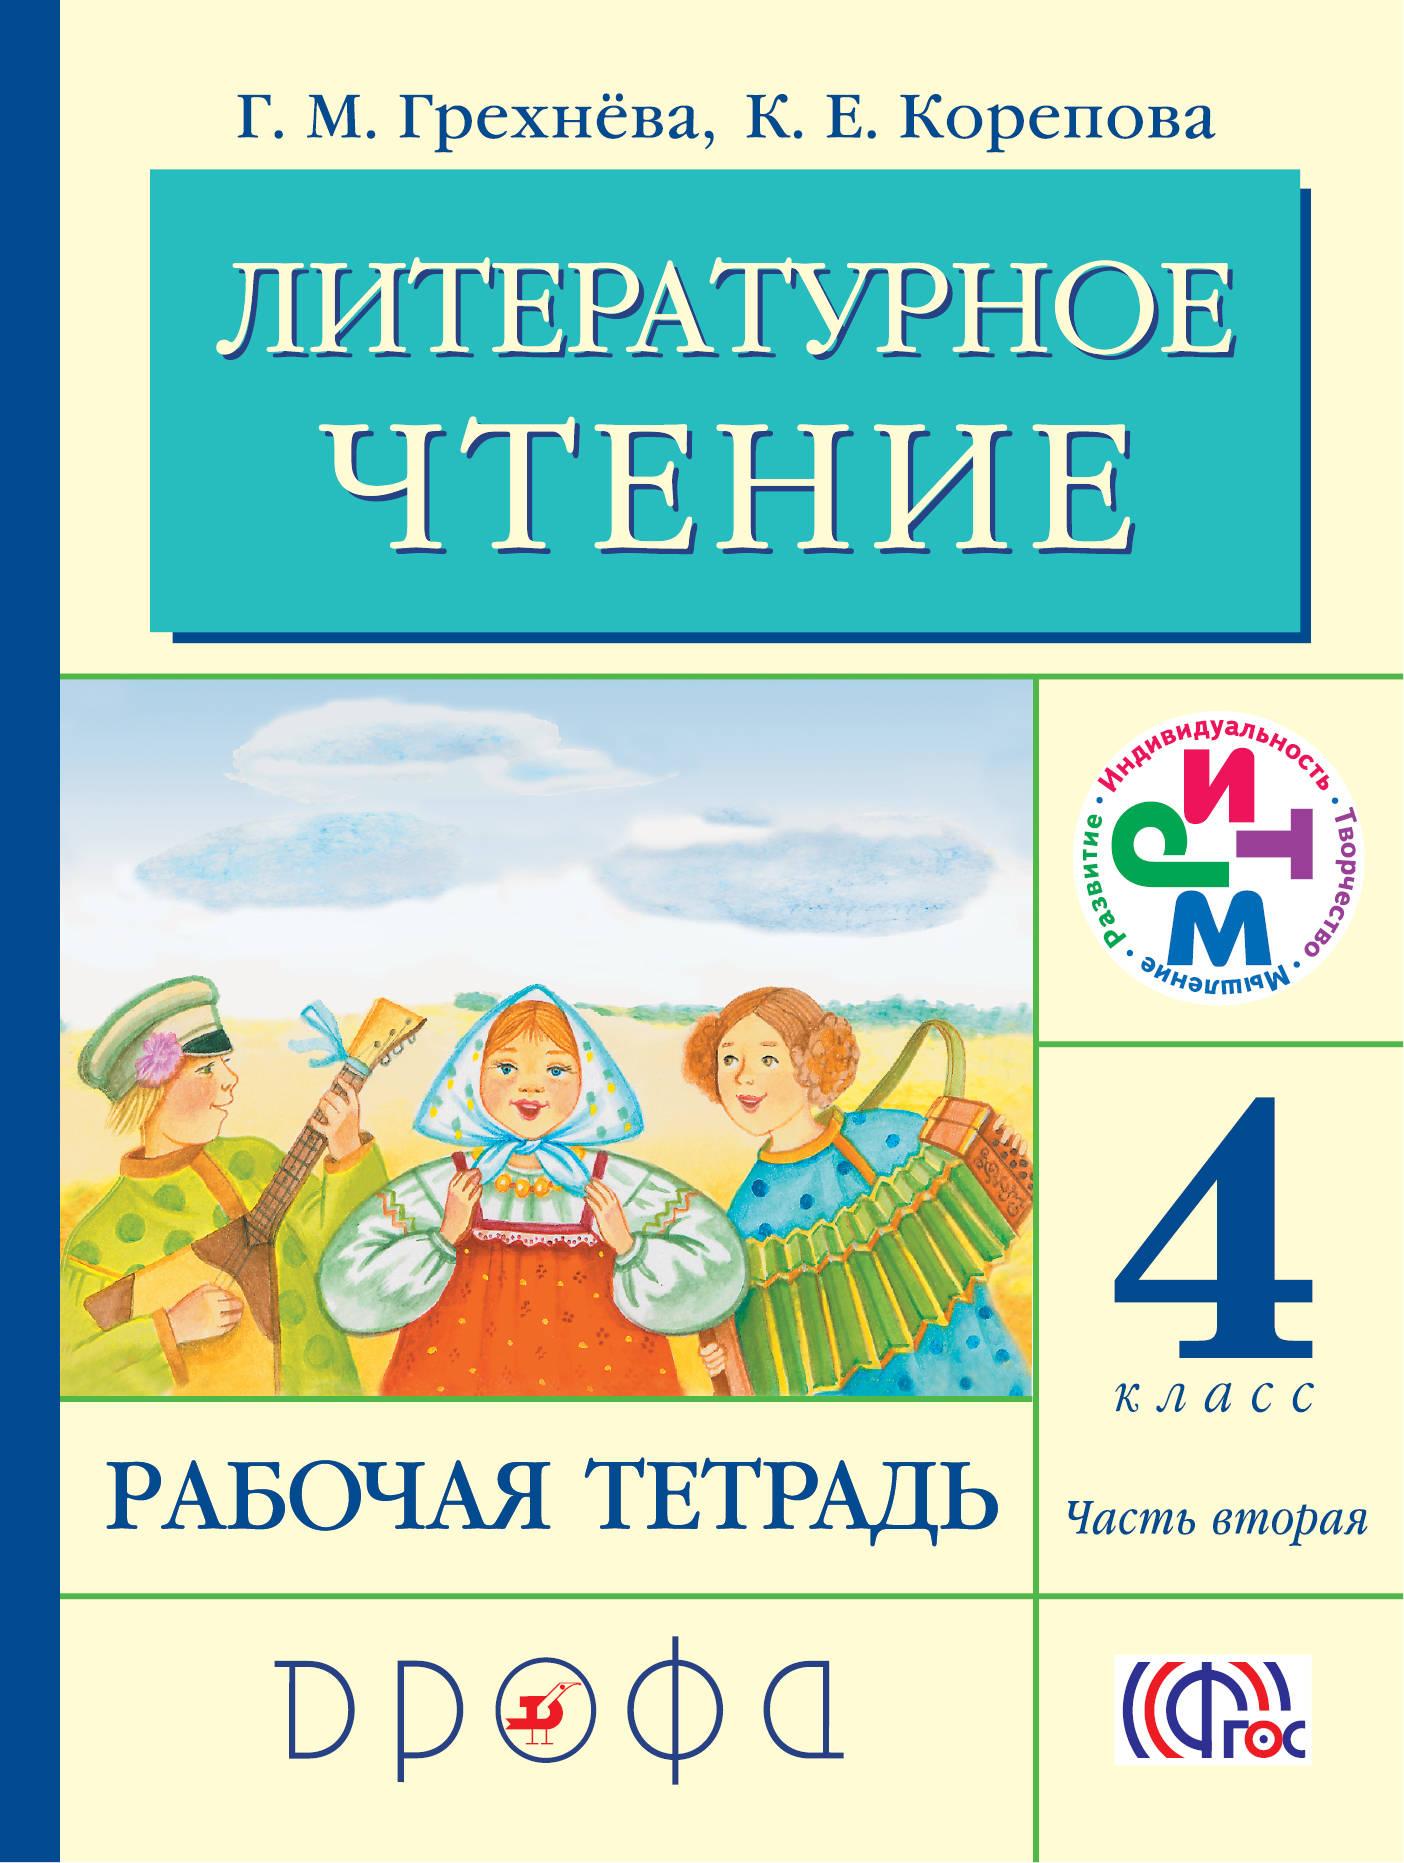 Русская народная пословица из рабочей тетради по математике 4 класса начальная школа 21 века